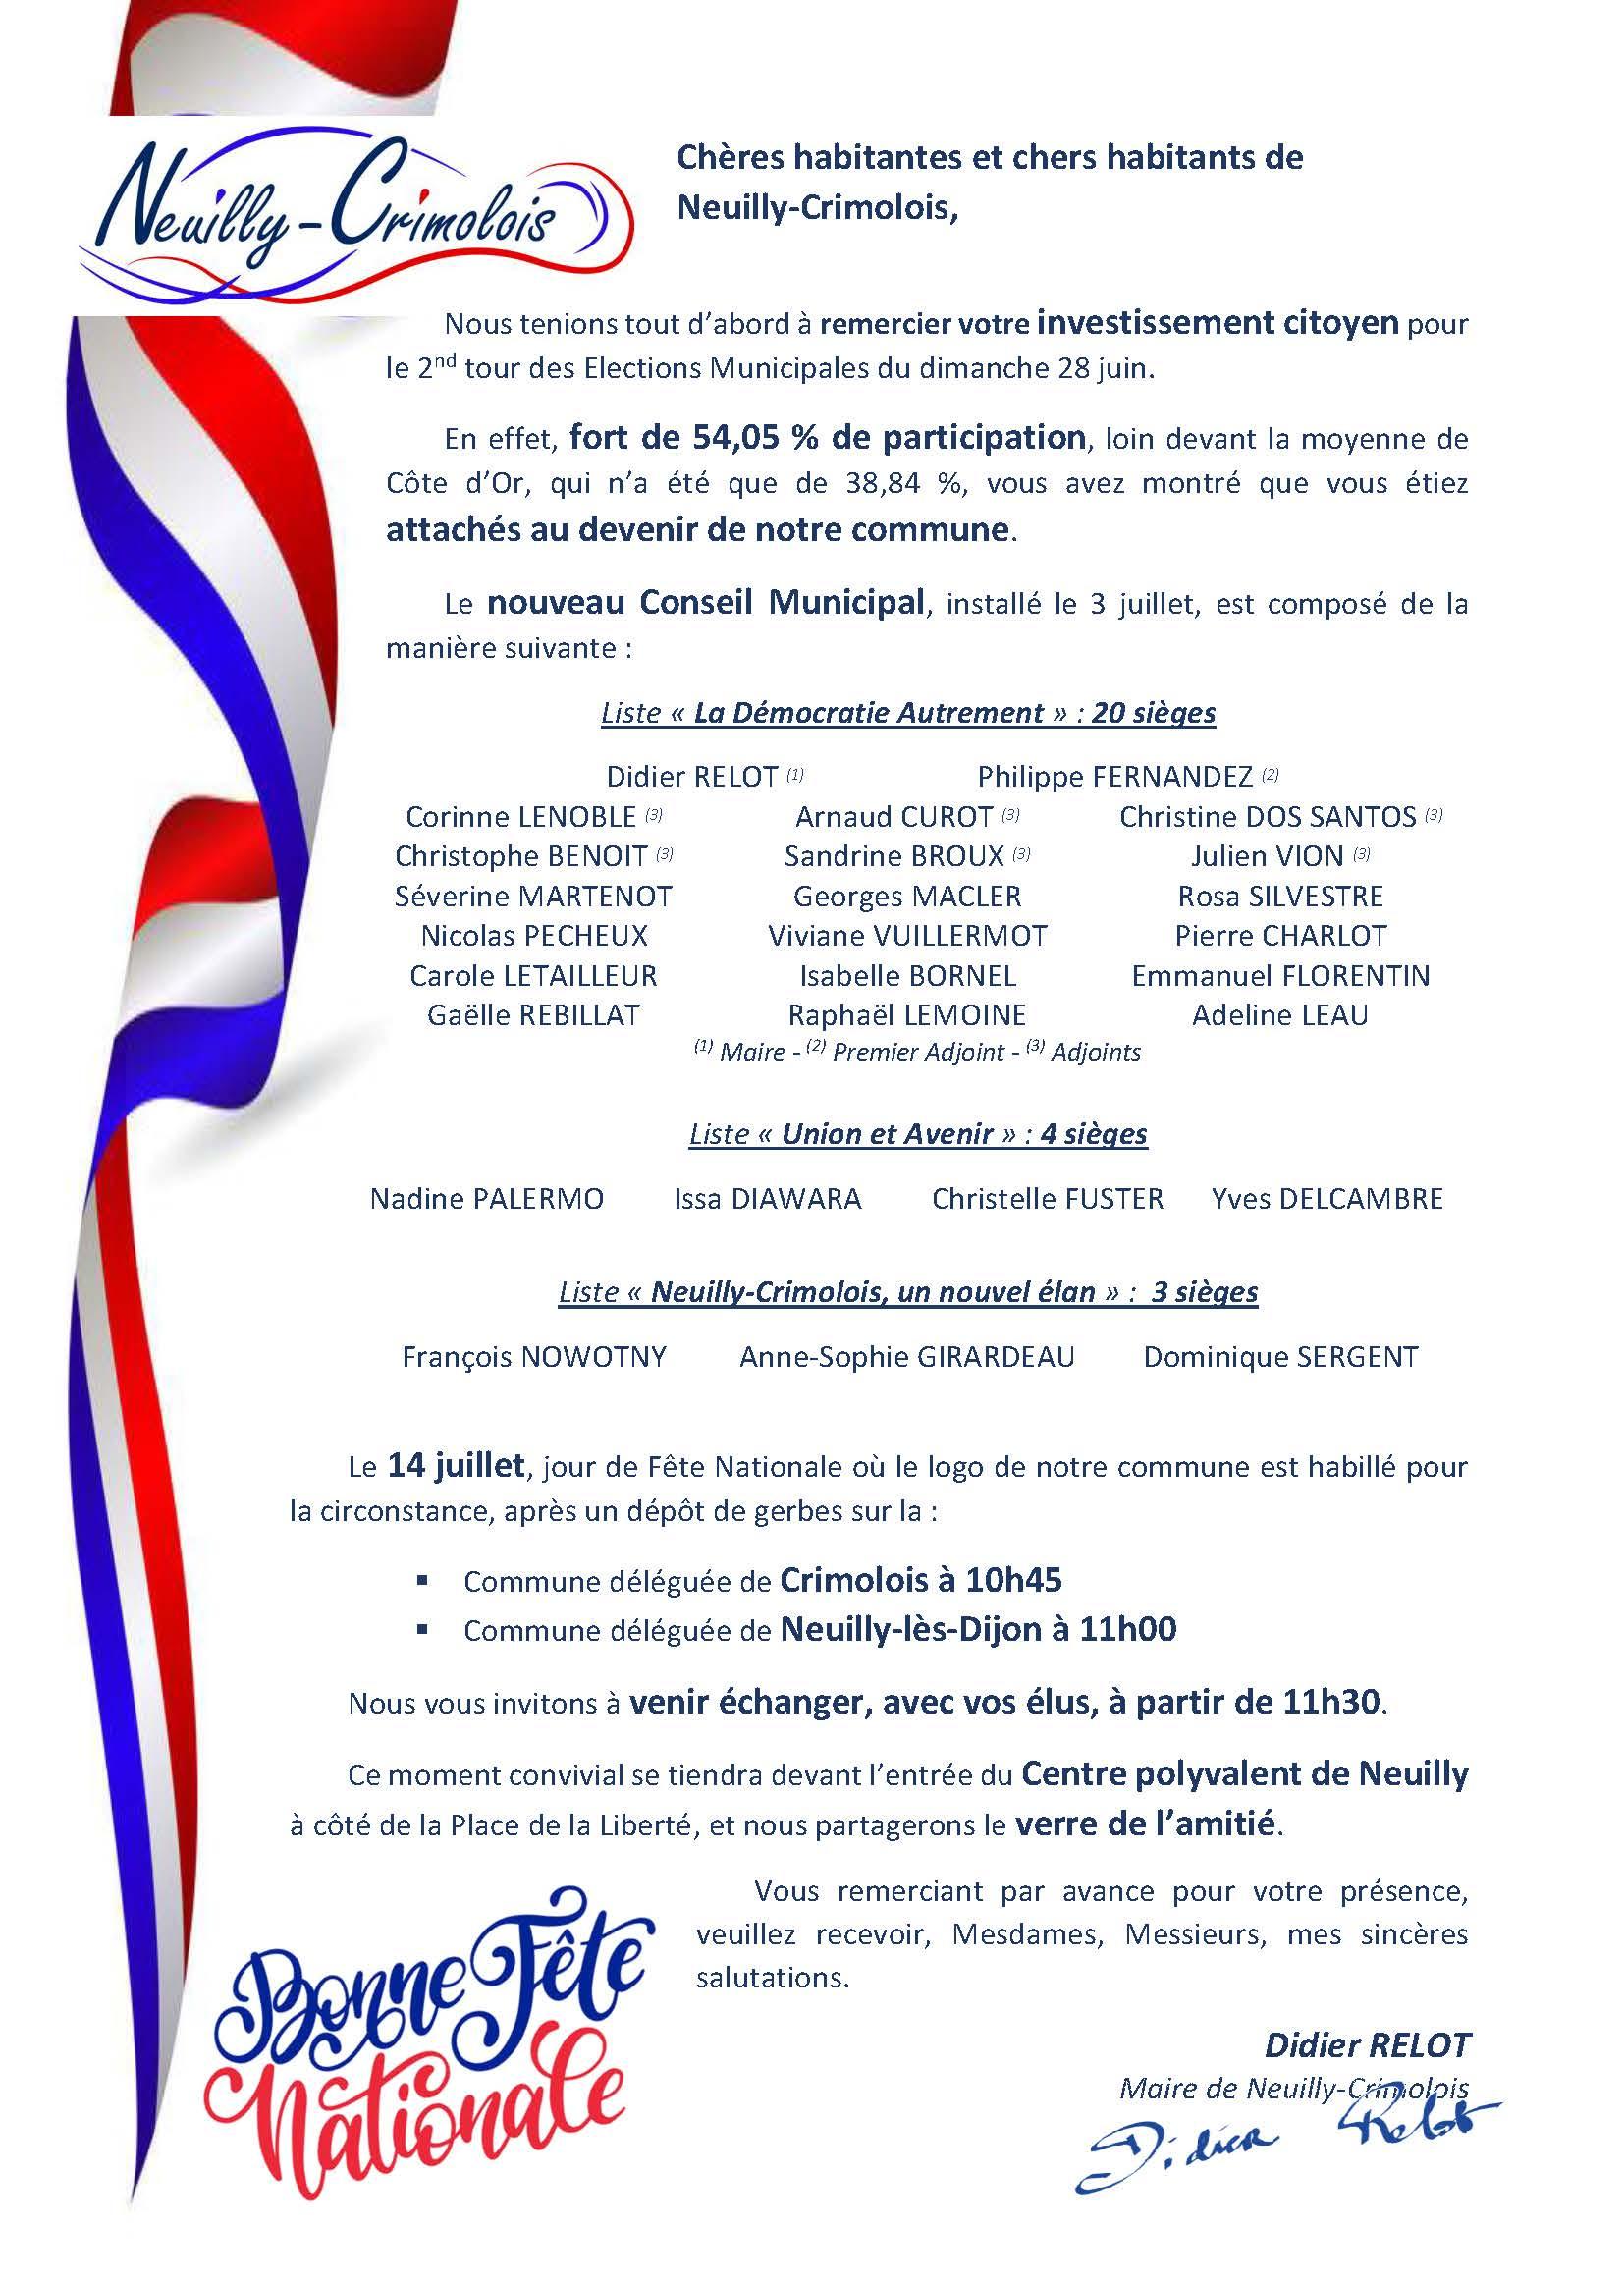 Cérémonies du 14 juillet à Neuilly-Crimolois